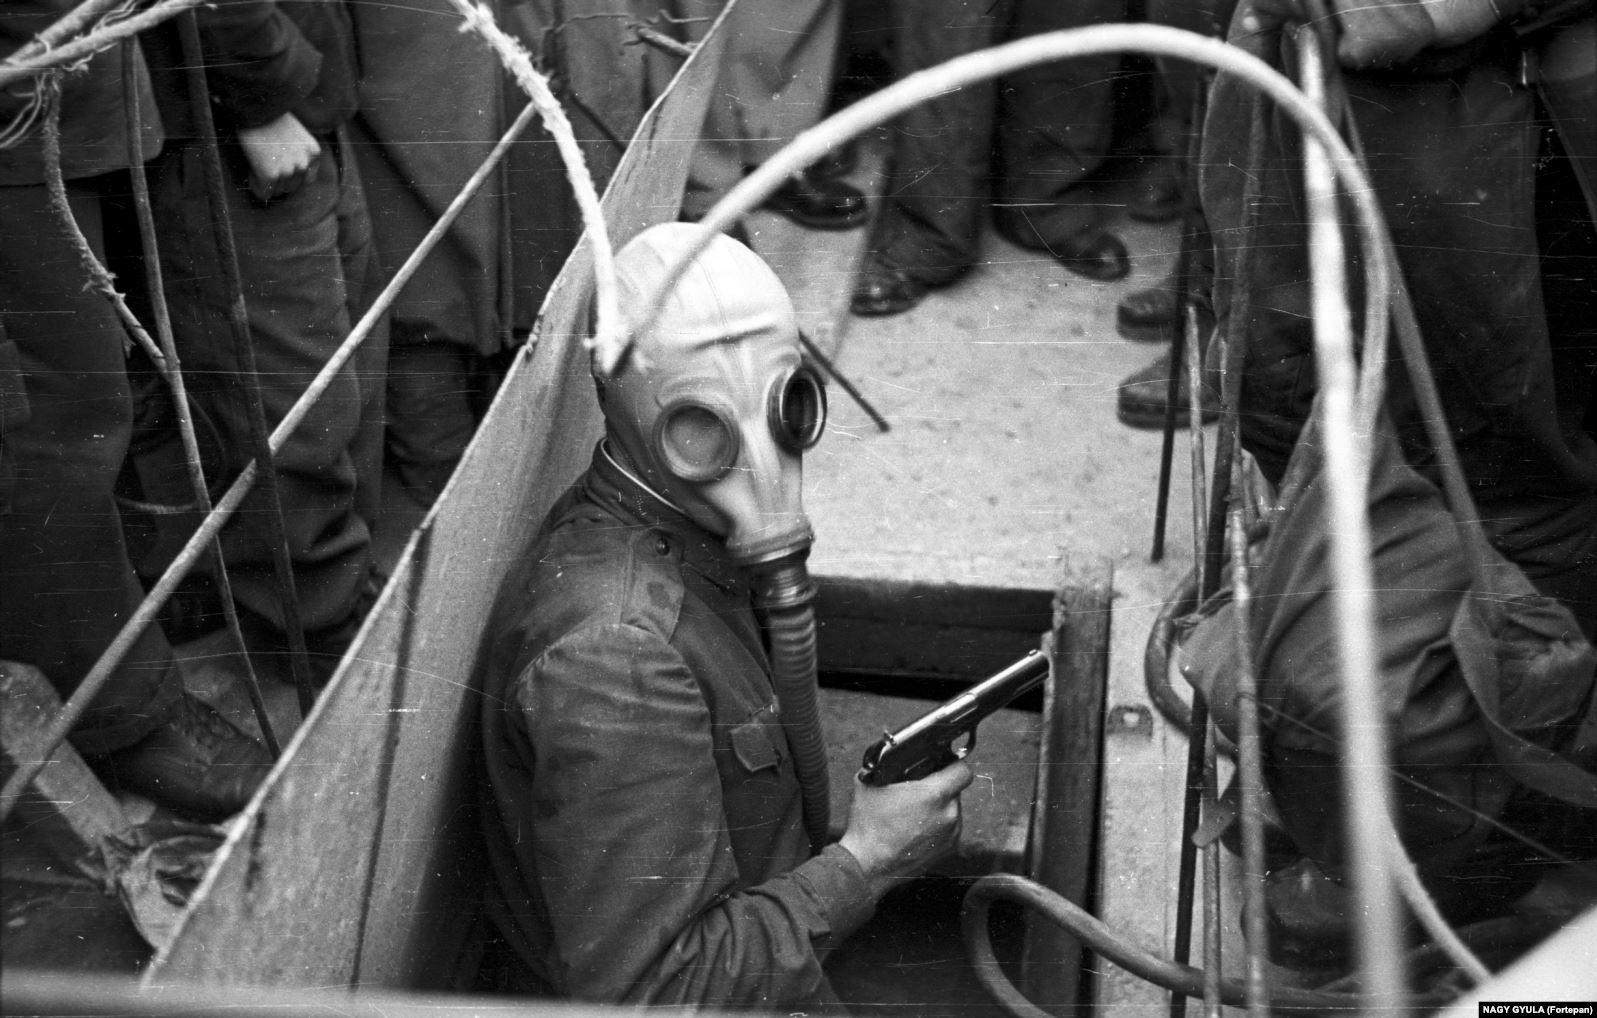 Человек с пистолетом вылезает из строящегося метро во время хаоса восстания 1956 года